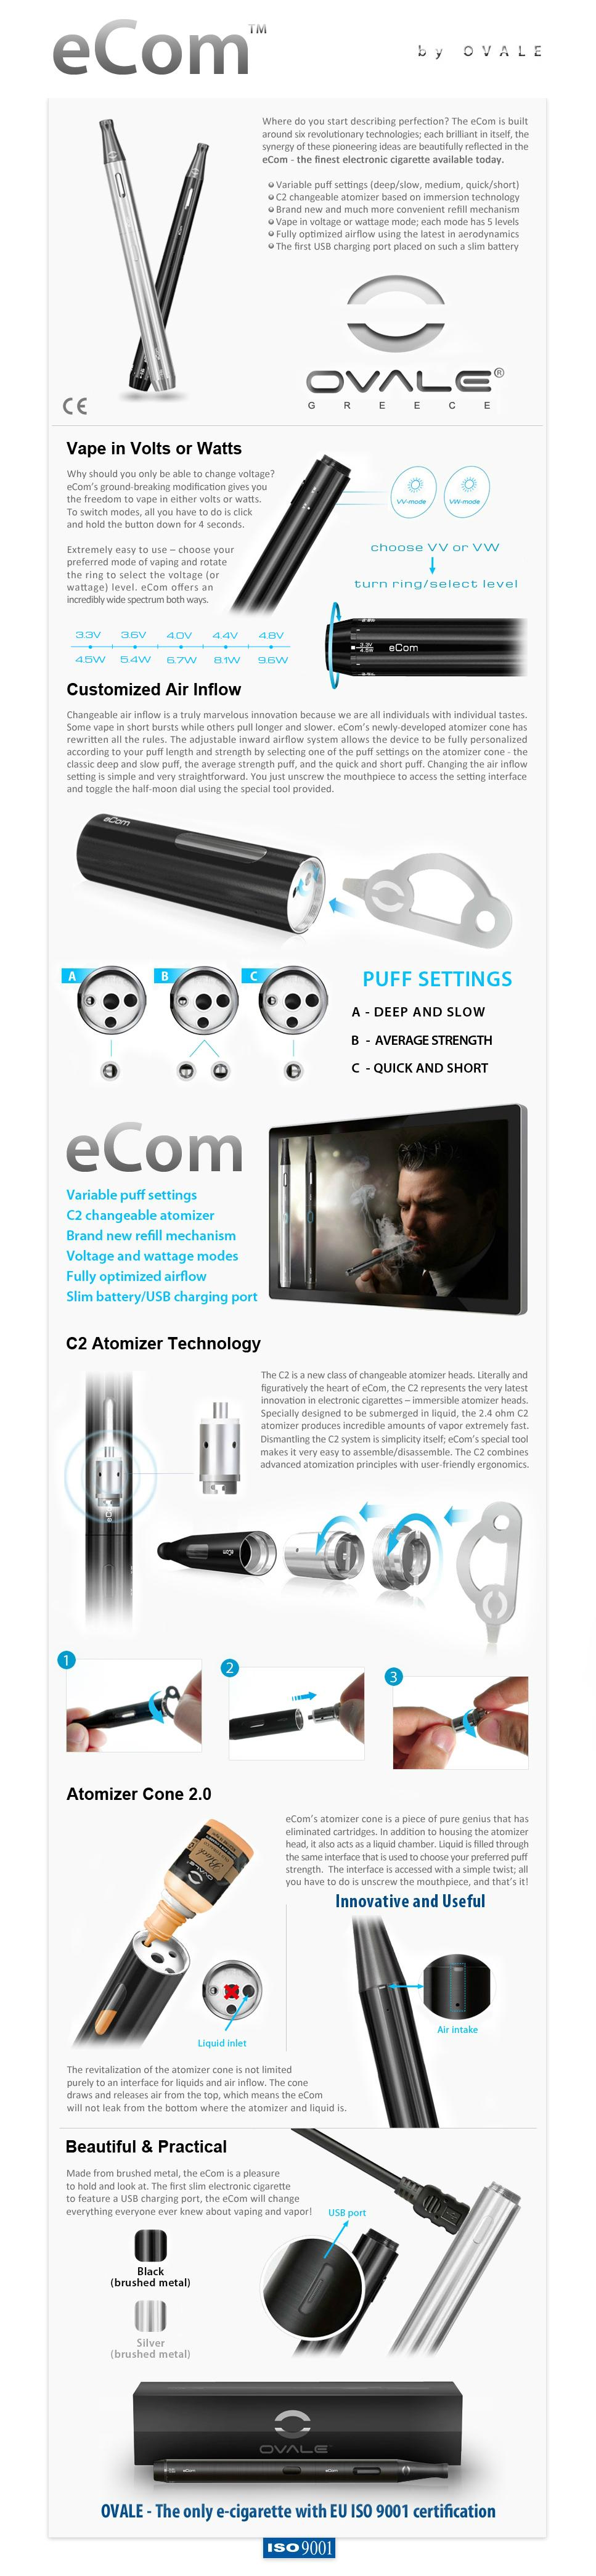 ηλεκτρονικό τσιγάρο, κόψιμο καπνίσματος, ovale, ecom